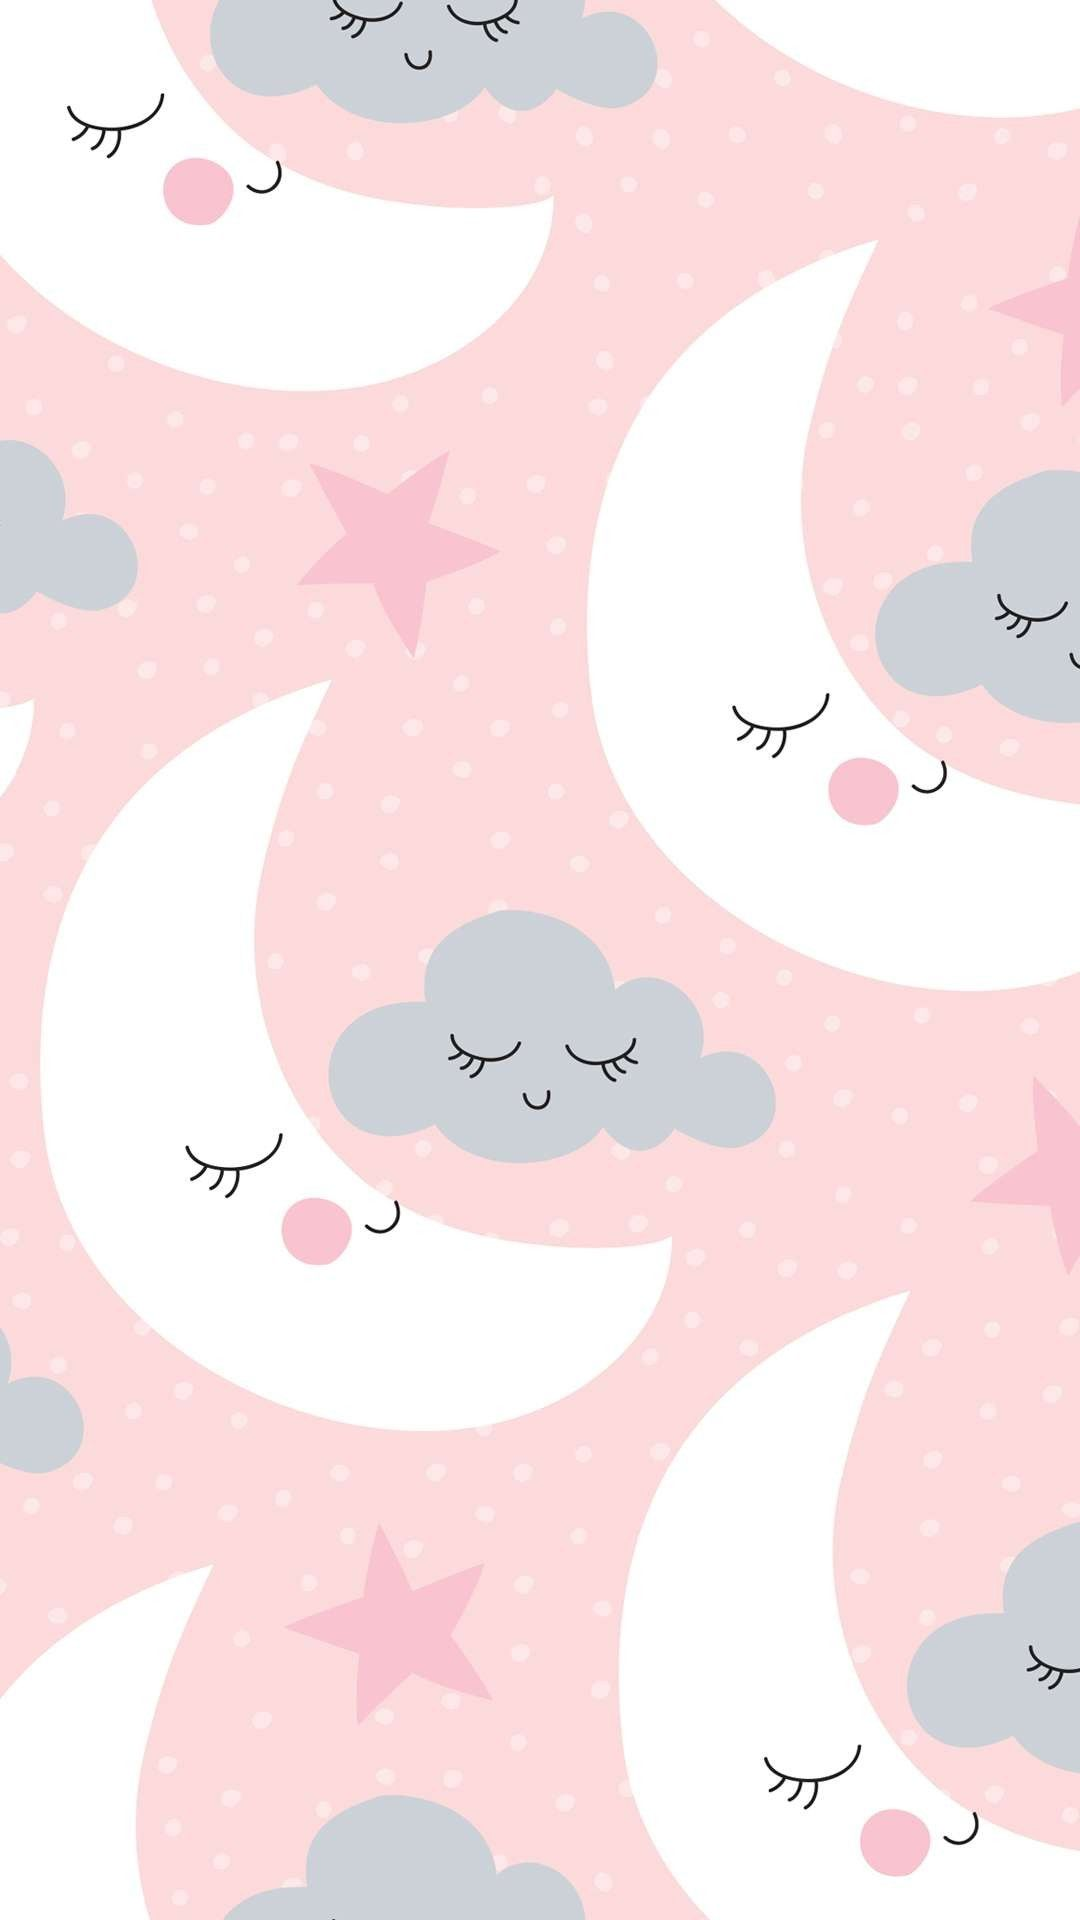 A Lua E A Nuvem Papeis De Parede Wallpaper Imagem De Fundo Para Iphone